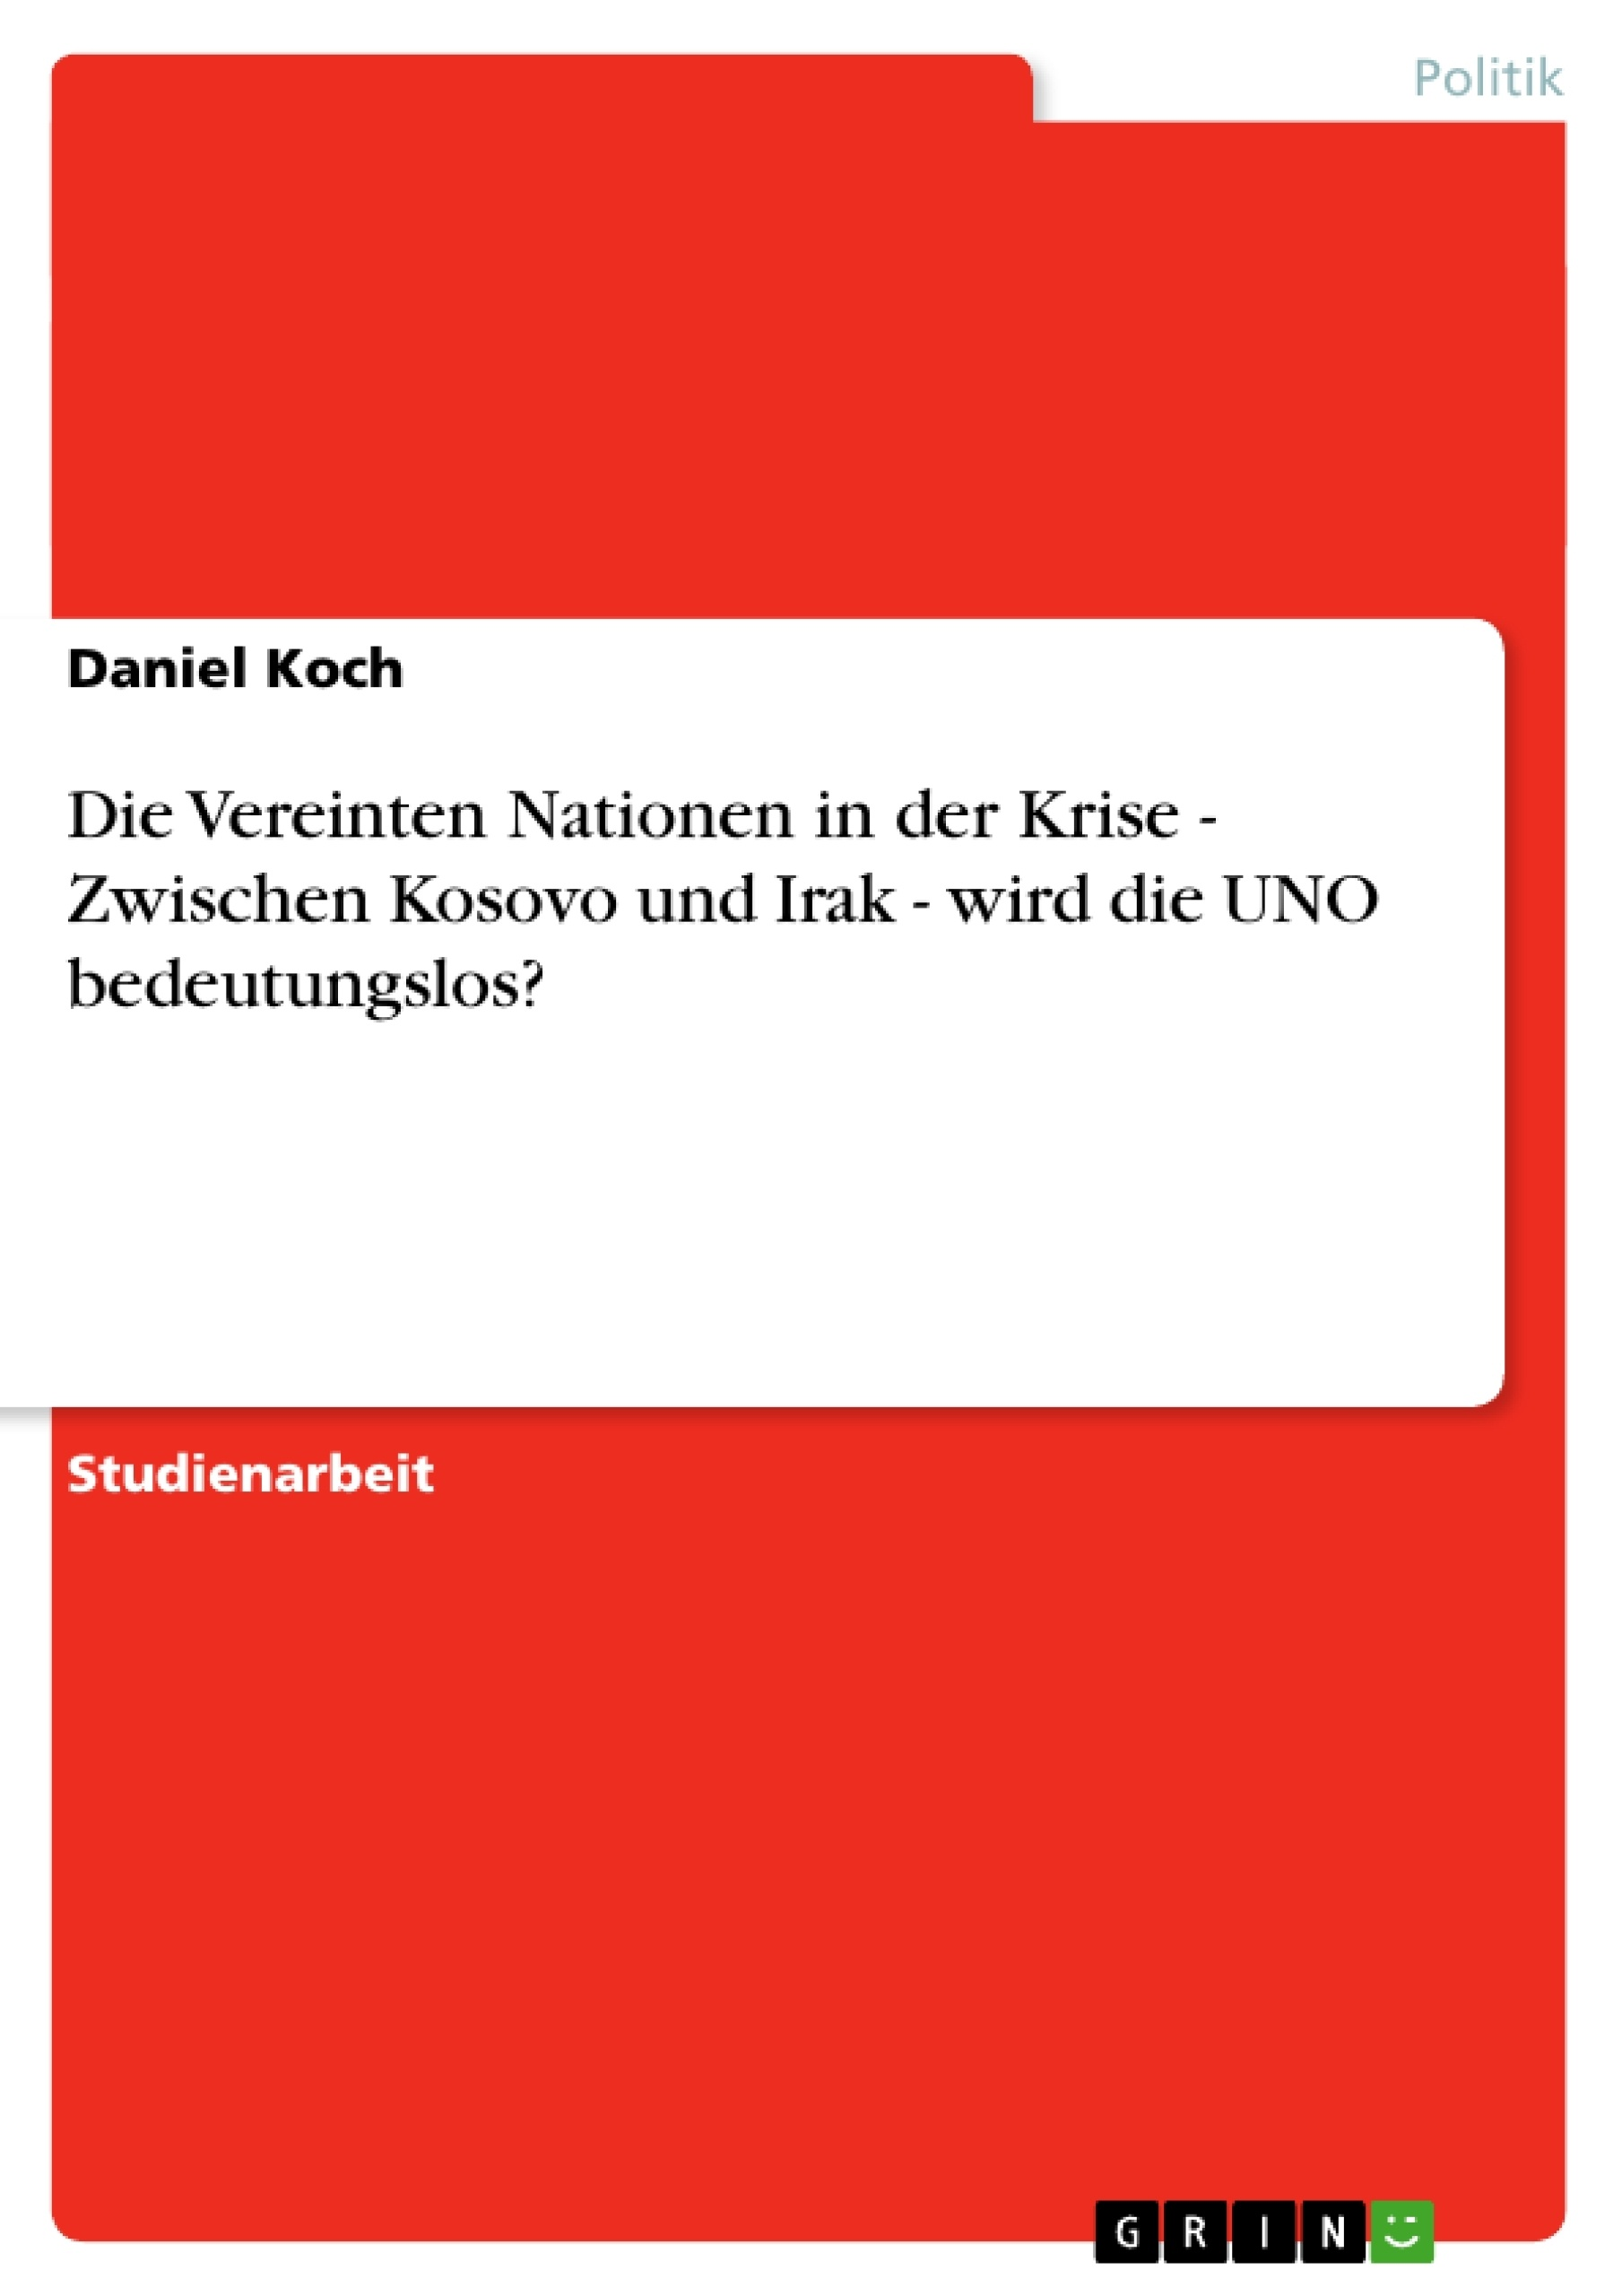 Titel: Die Vereinten Nationen in der Krise - Zwischen Kosovo und Irak - wird die UNO bedeutungslos?